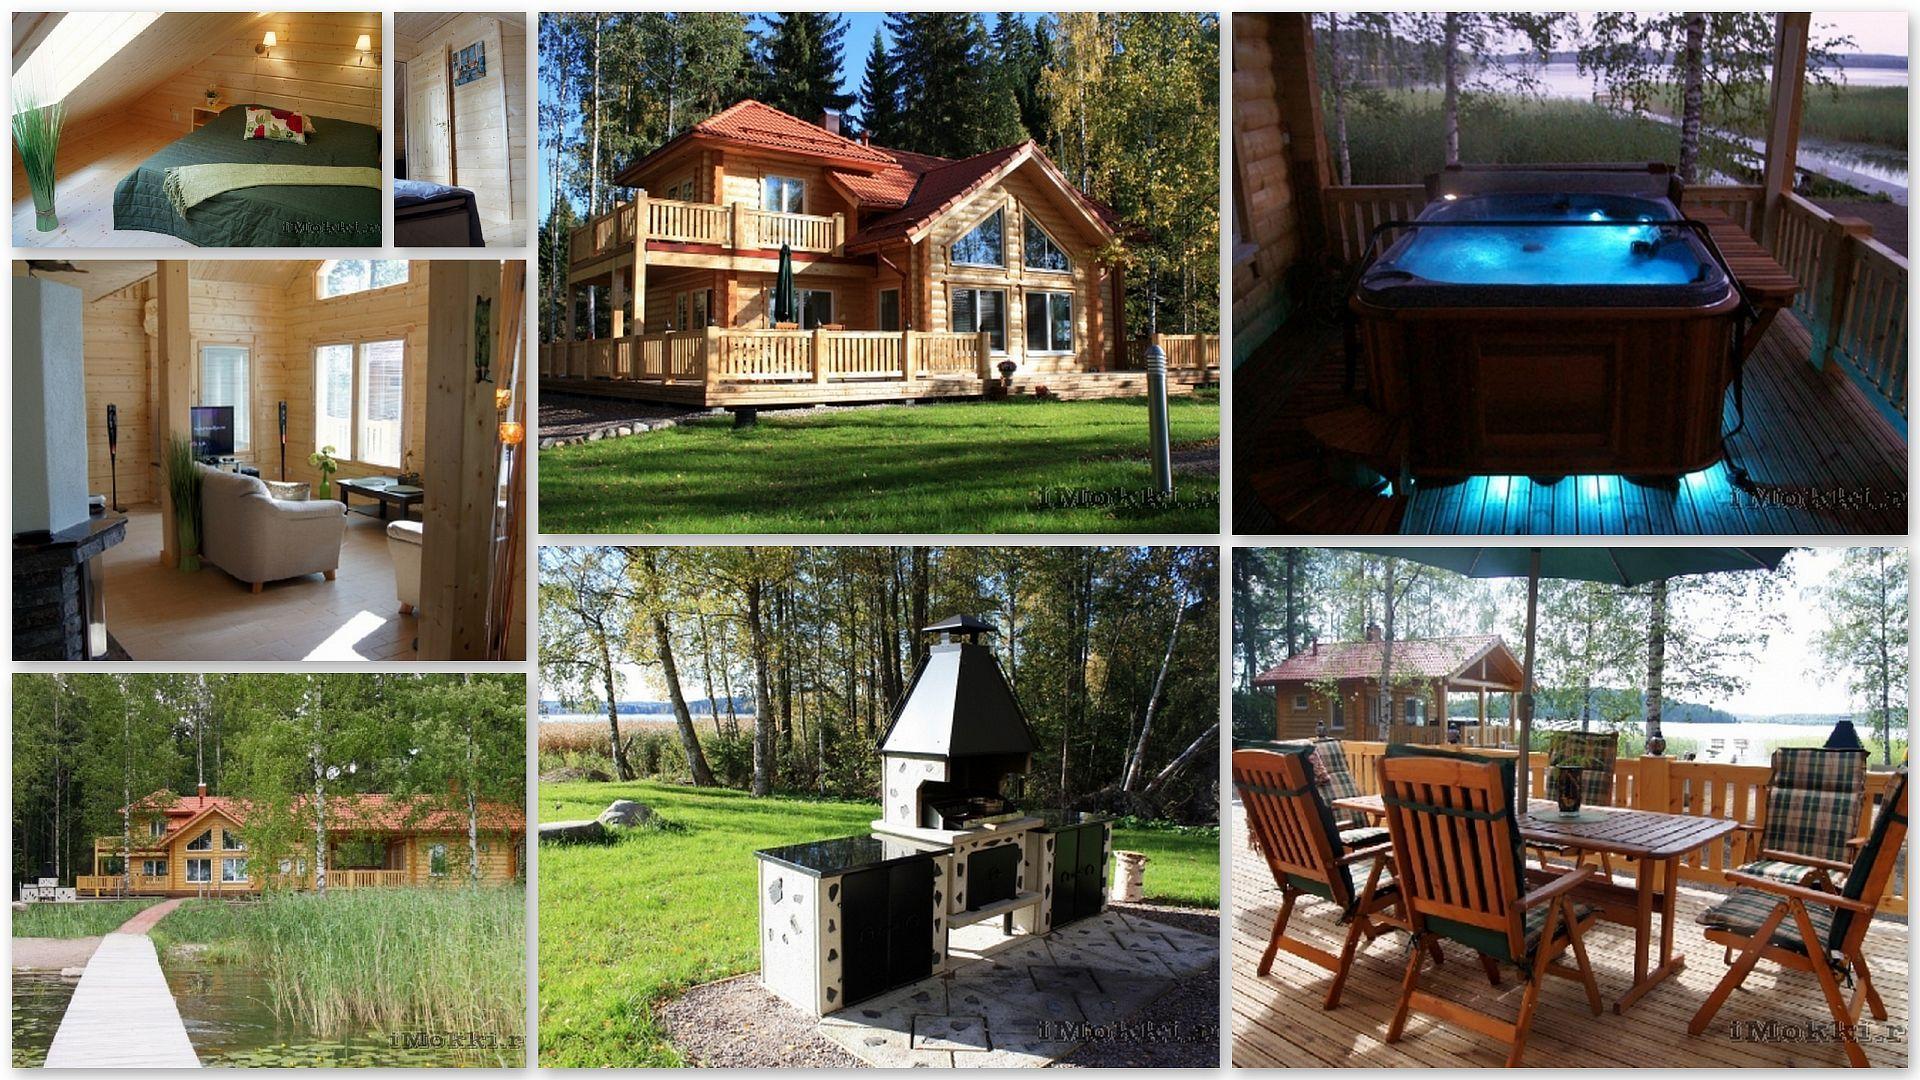 Vuokramökki Villa Aleksi, Päijät-Häme, id361 #Vuokramökit #iMokki #PäijätHäme